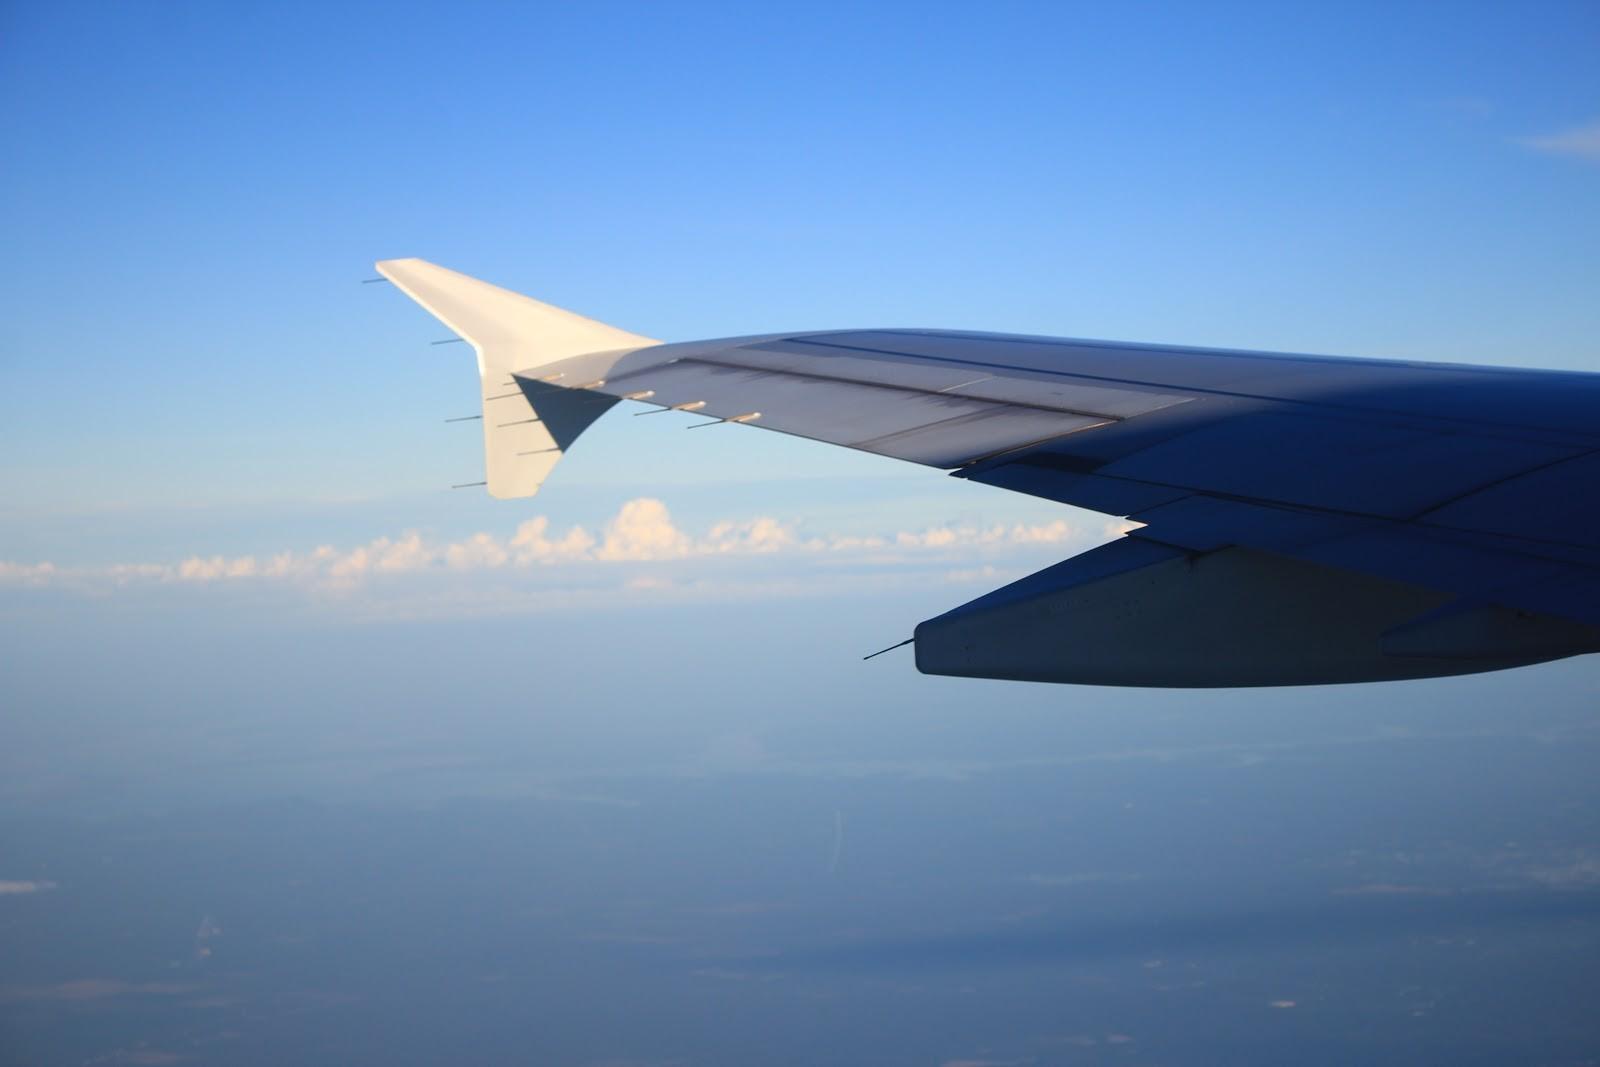 Dành thời gian tận hưởng khung cảnh tuyệt vời của bầu trời